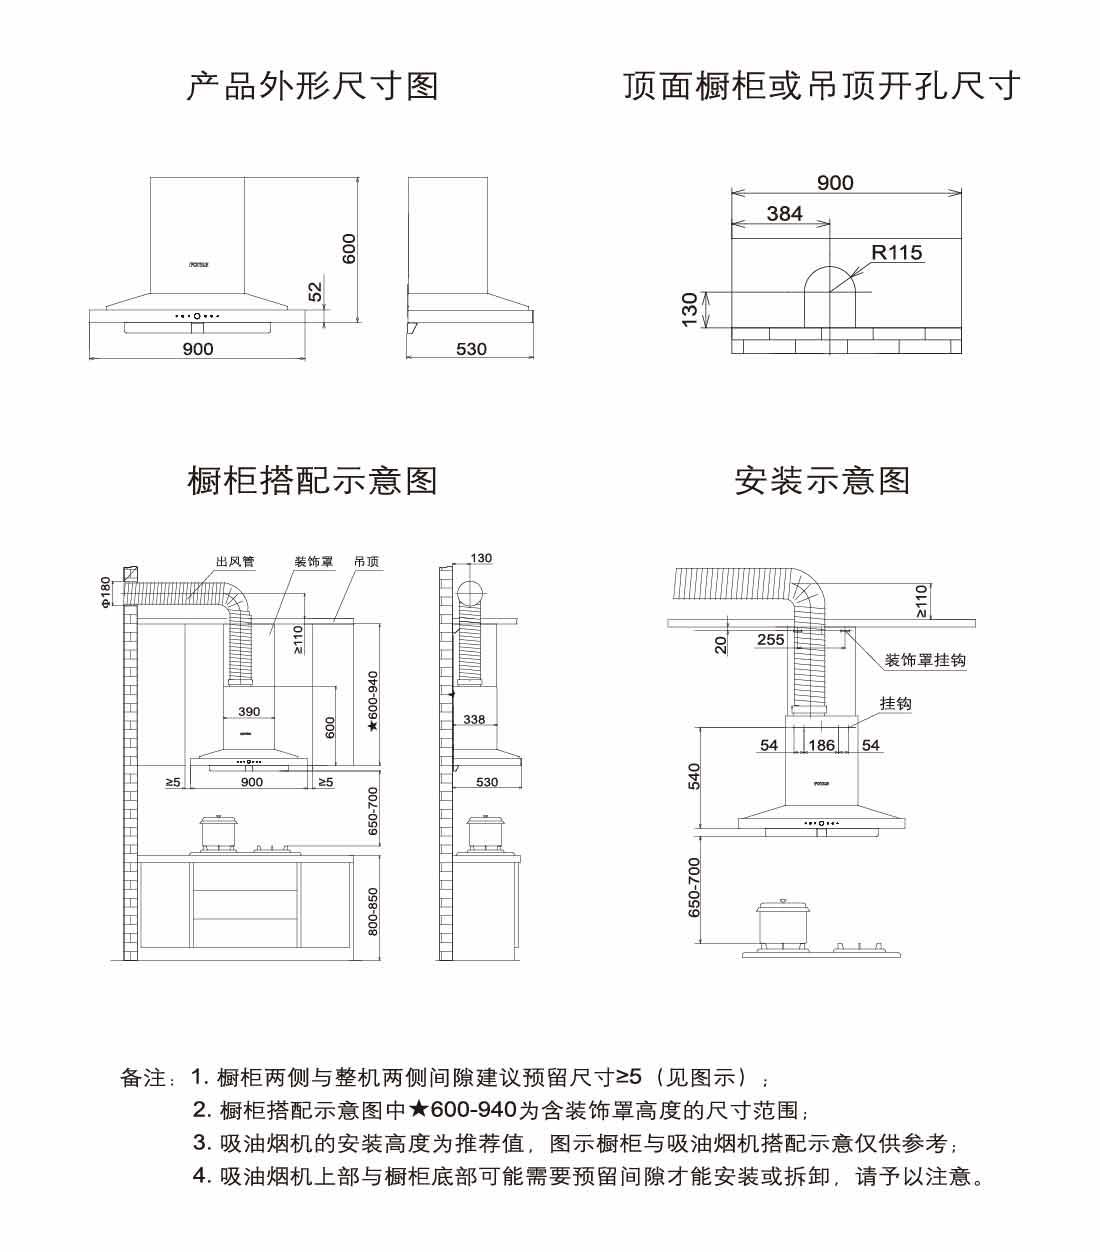 彩28彩票CXW-200-EM12T装置表示图